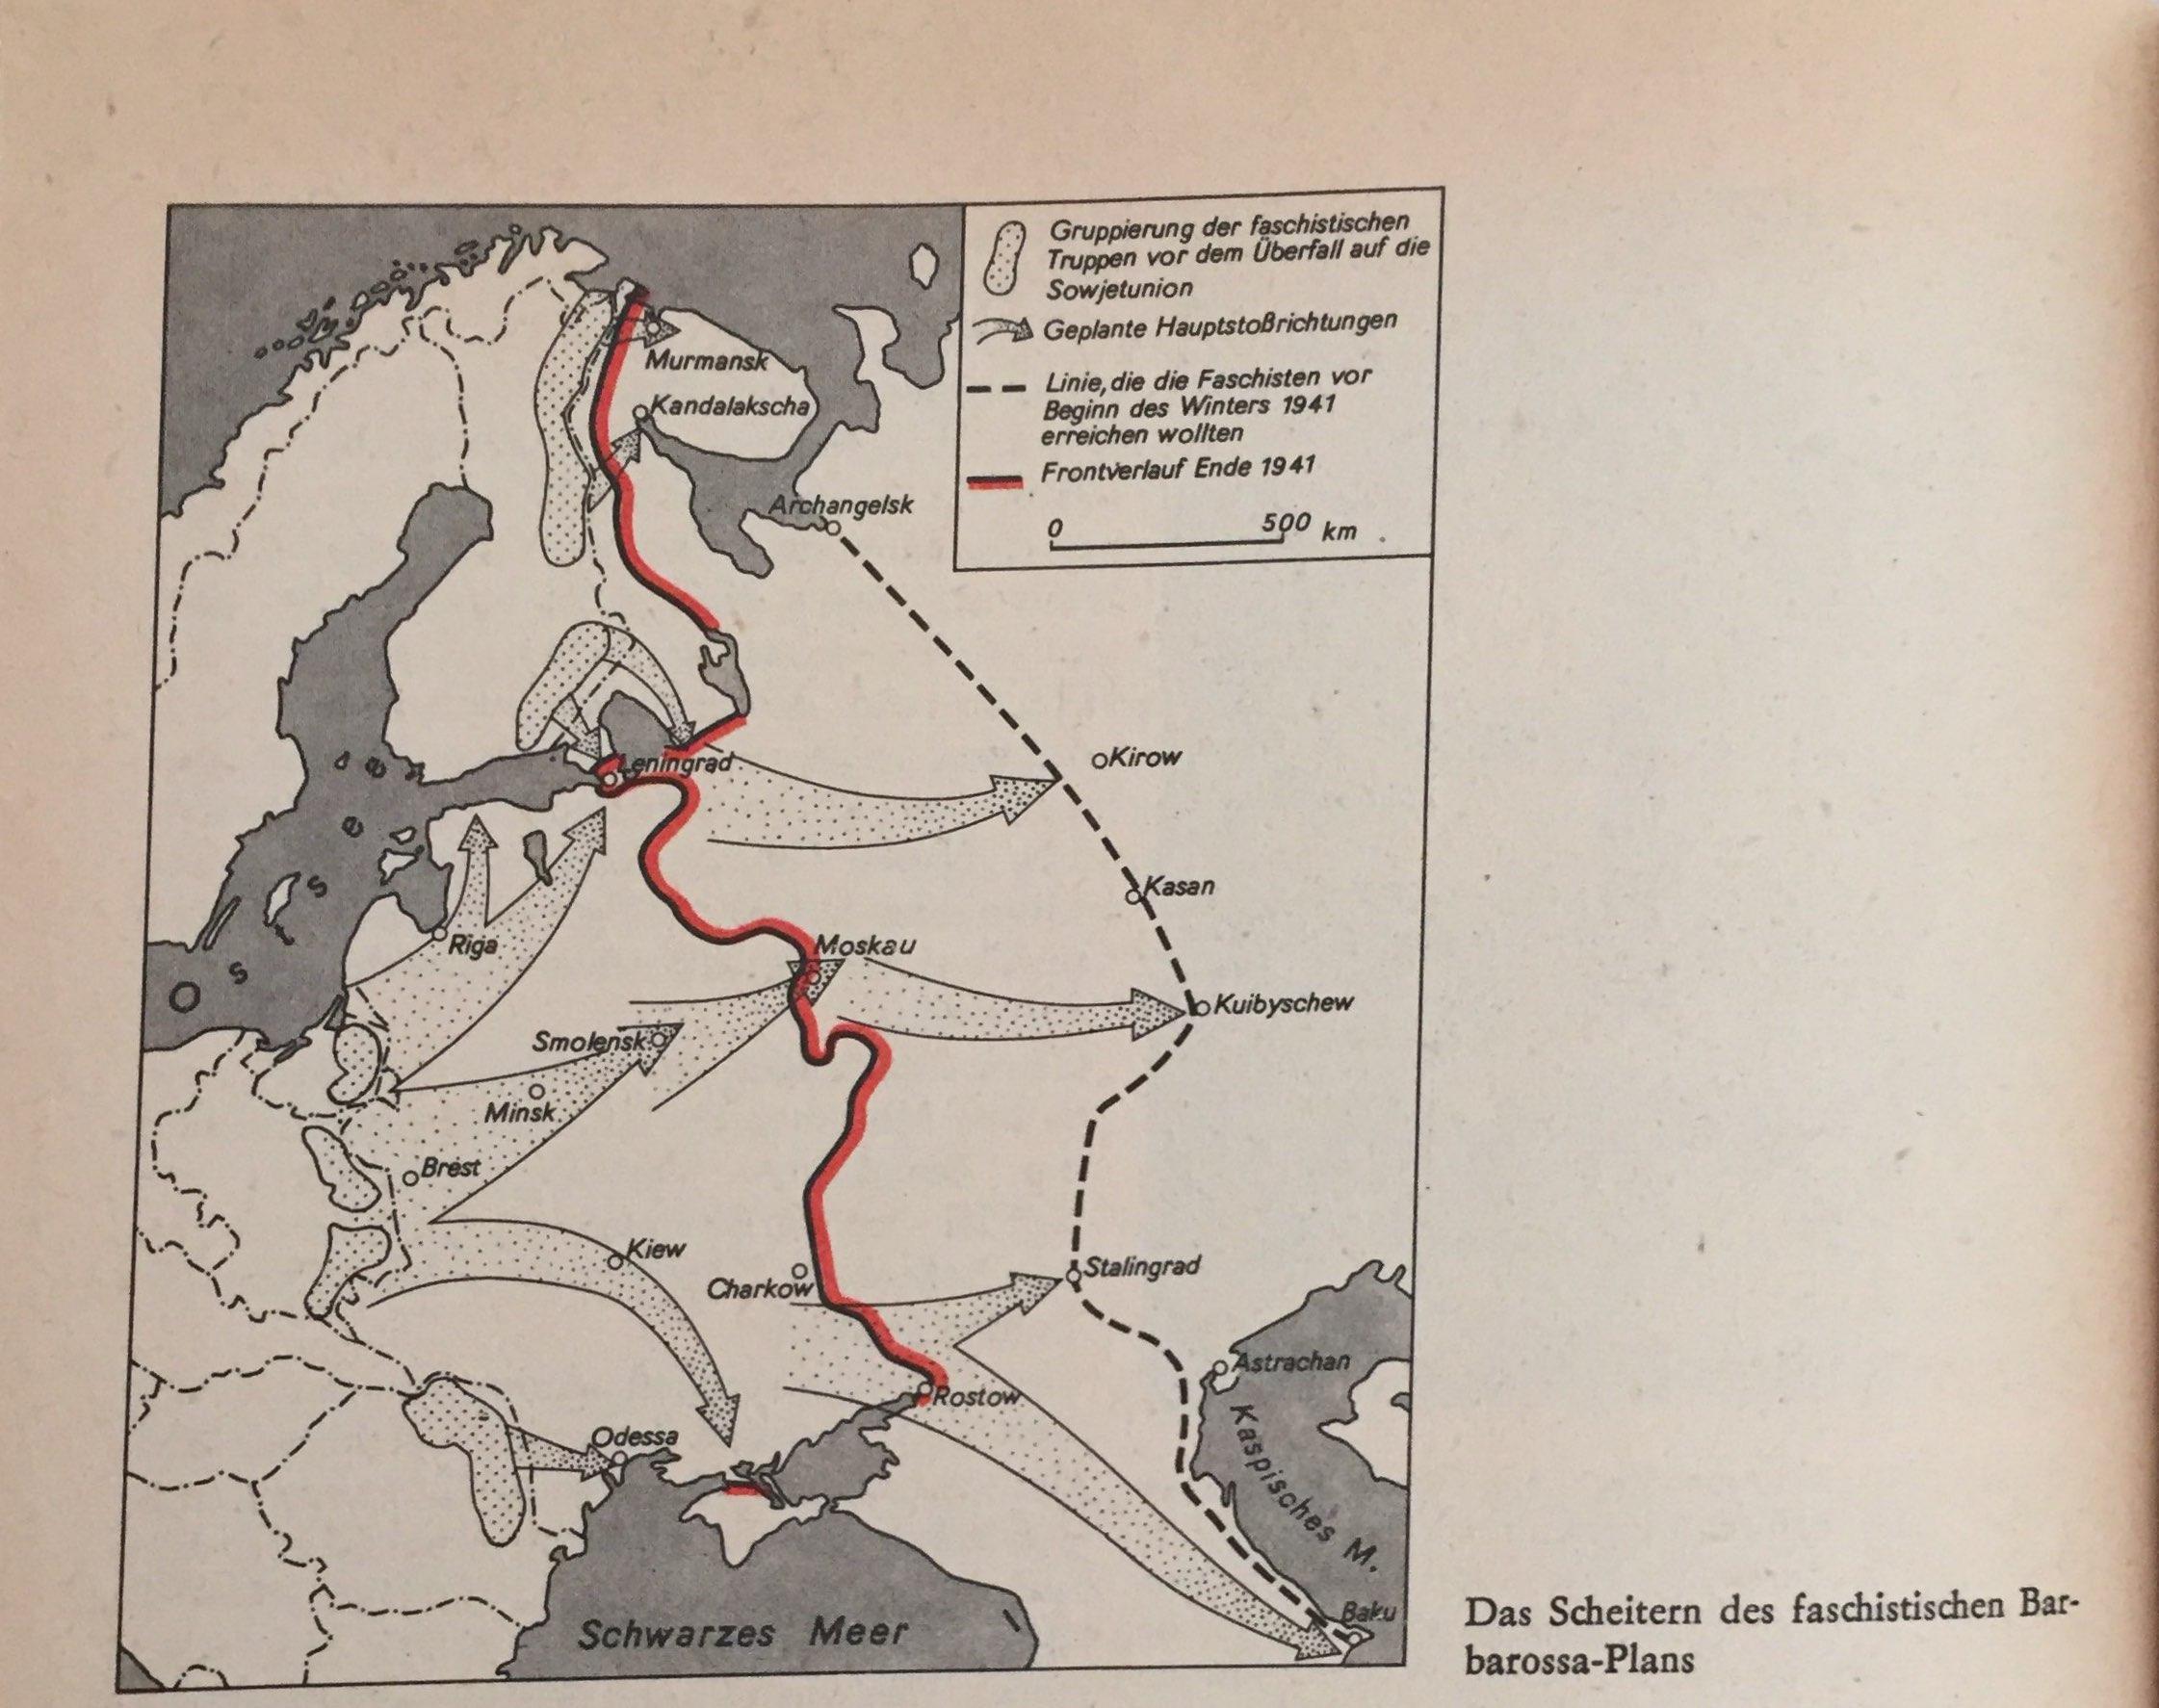 Scheitern Barbarossa-Plan